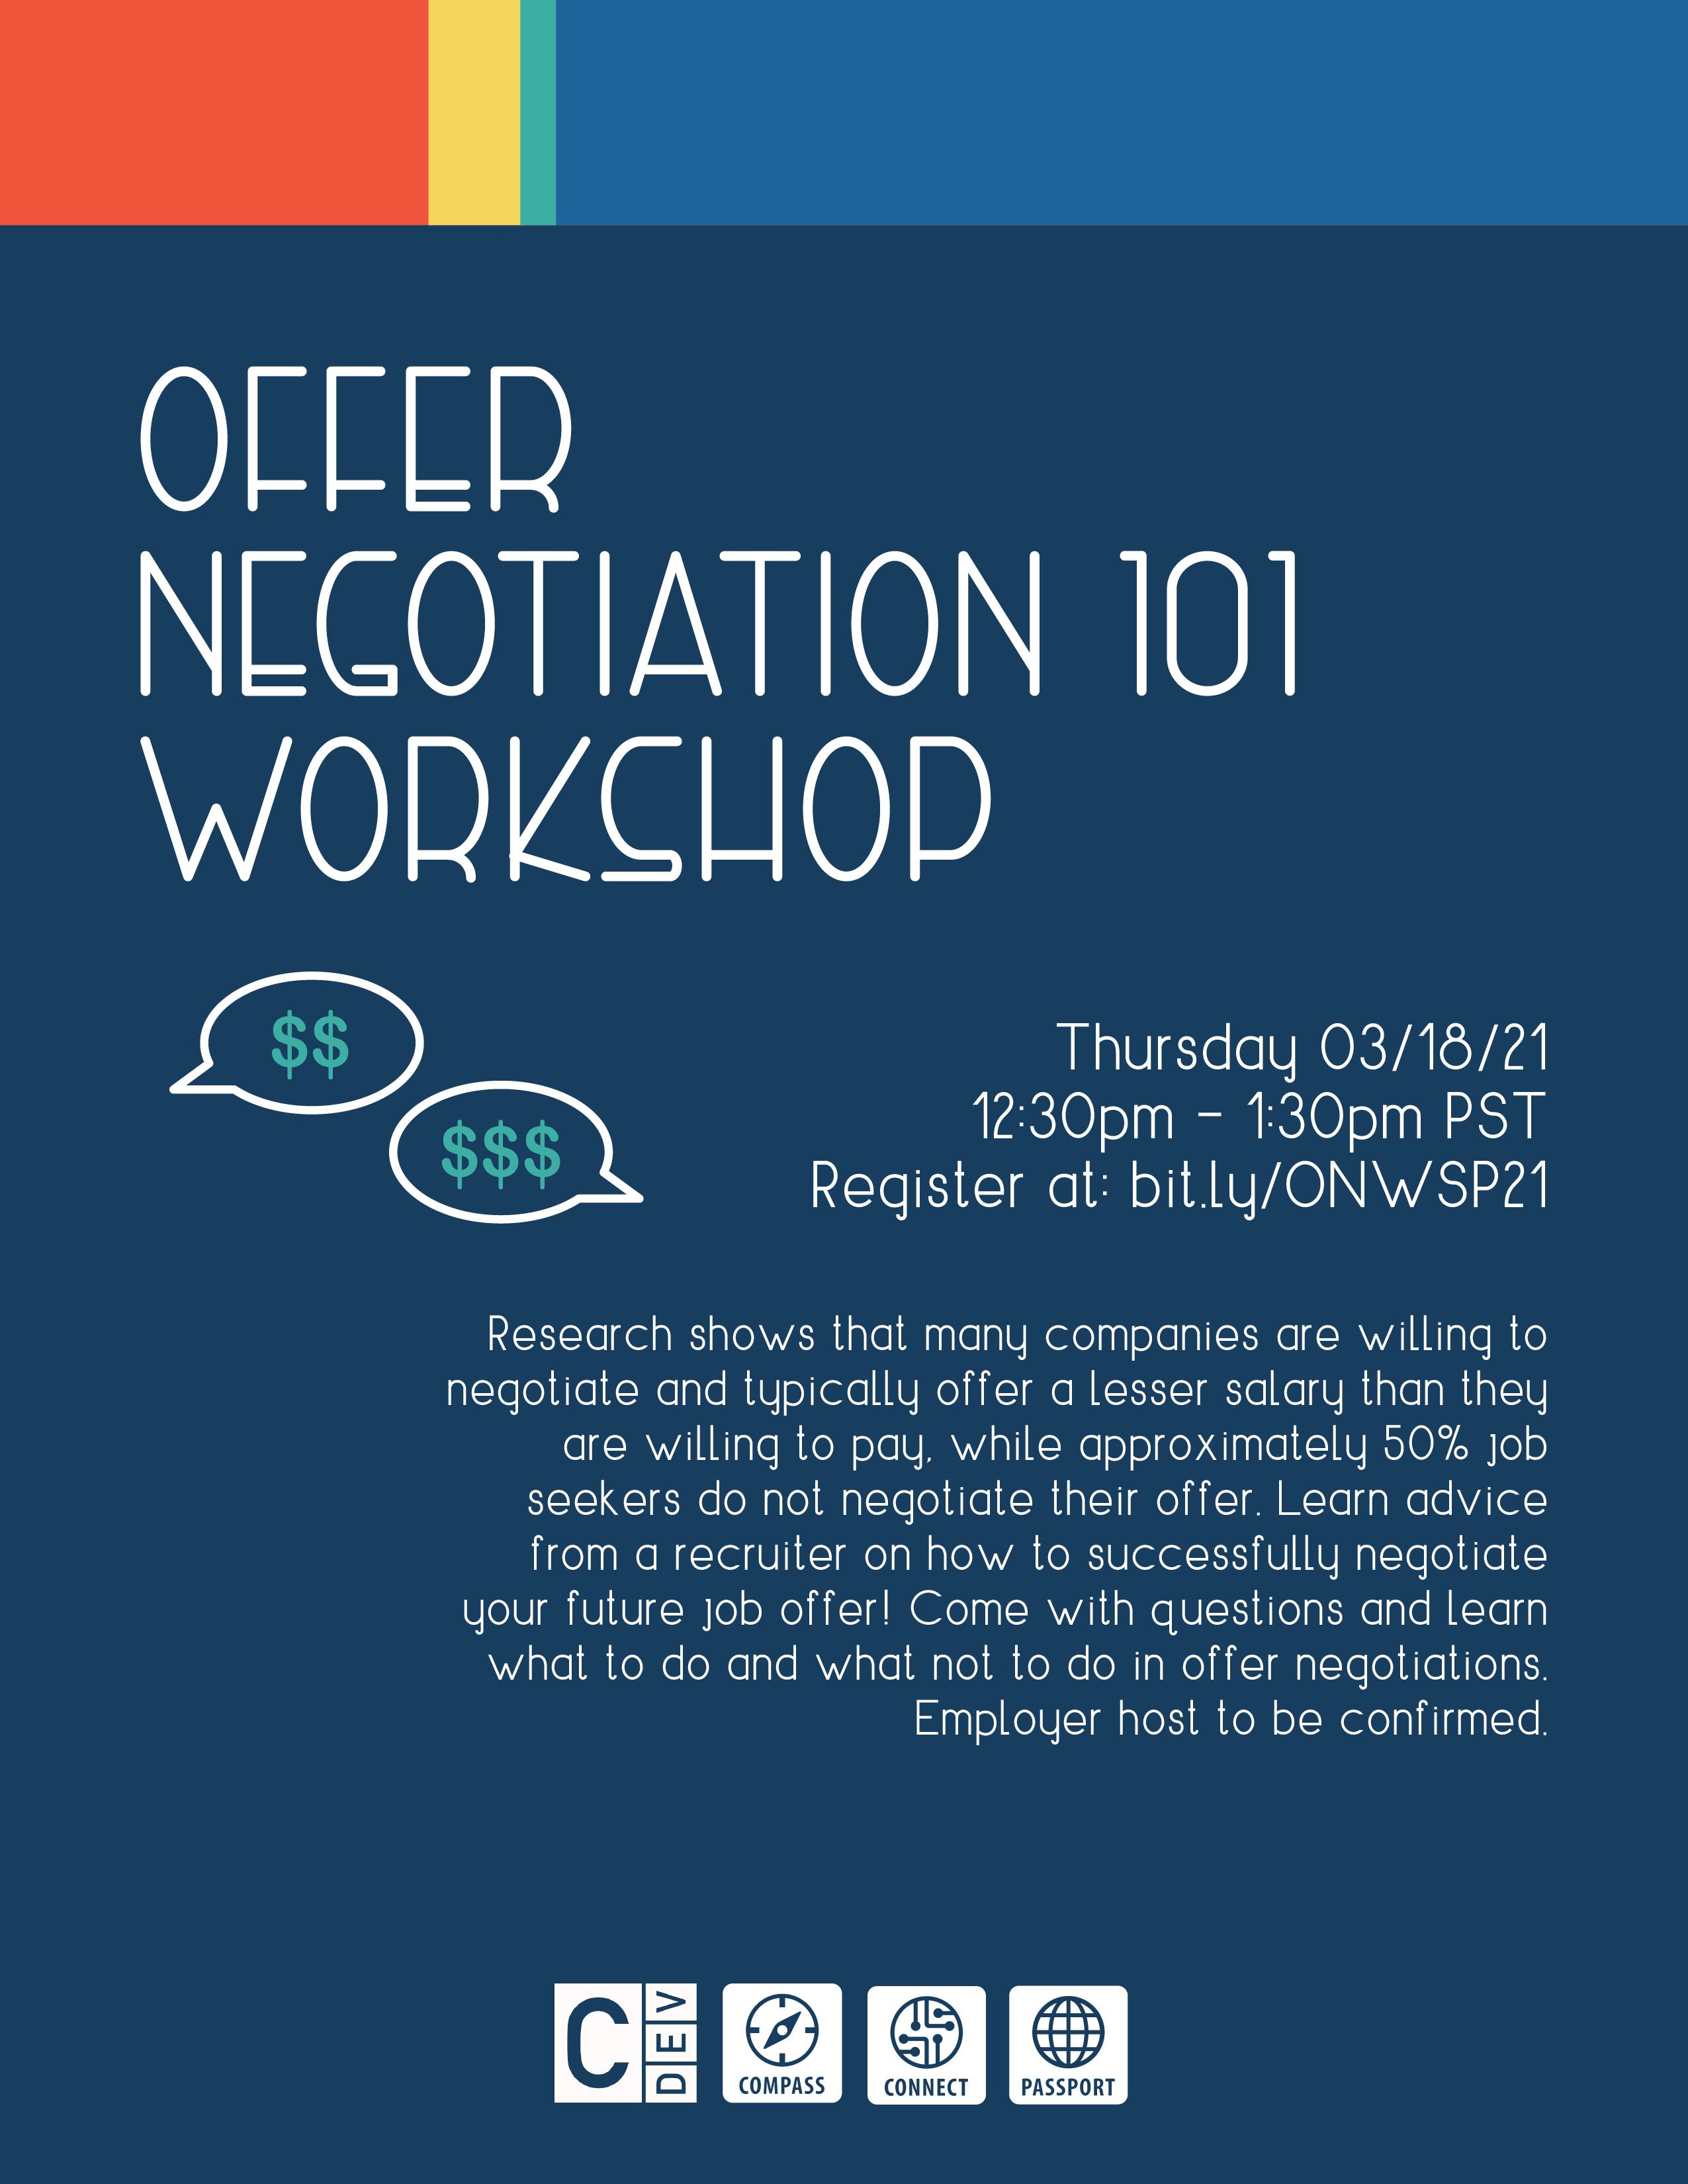 Offer Negotiations 101 Workshop flyer